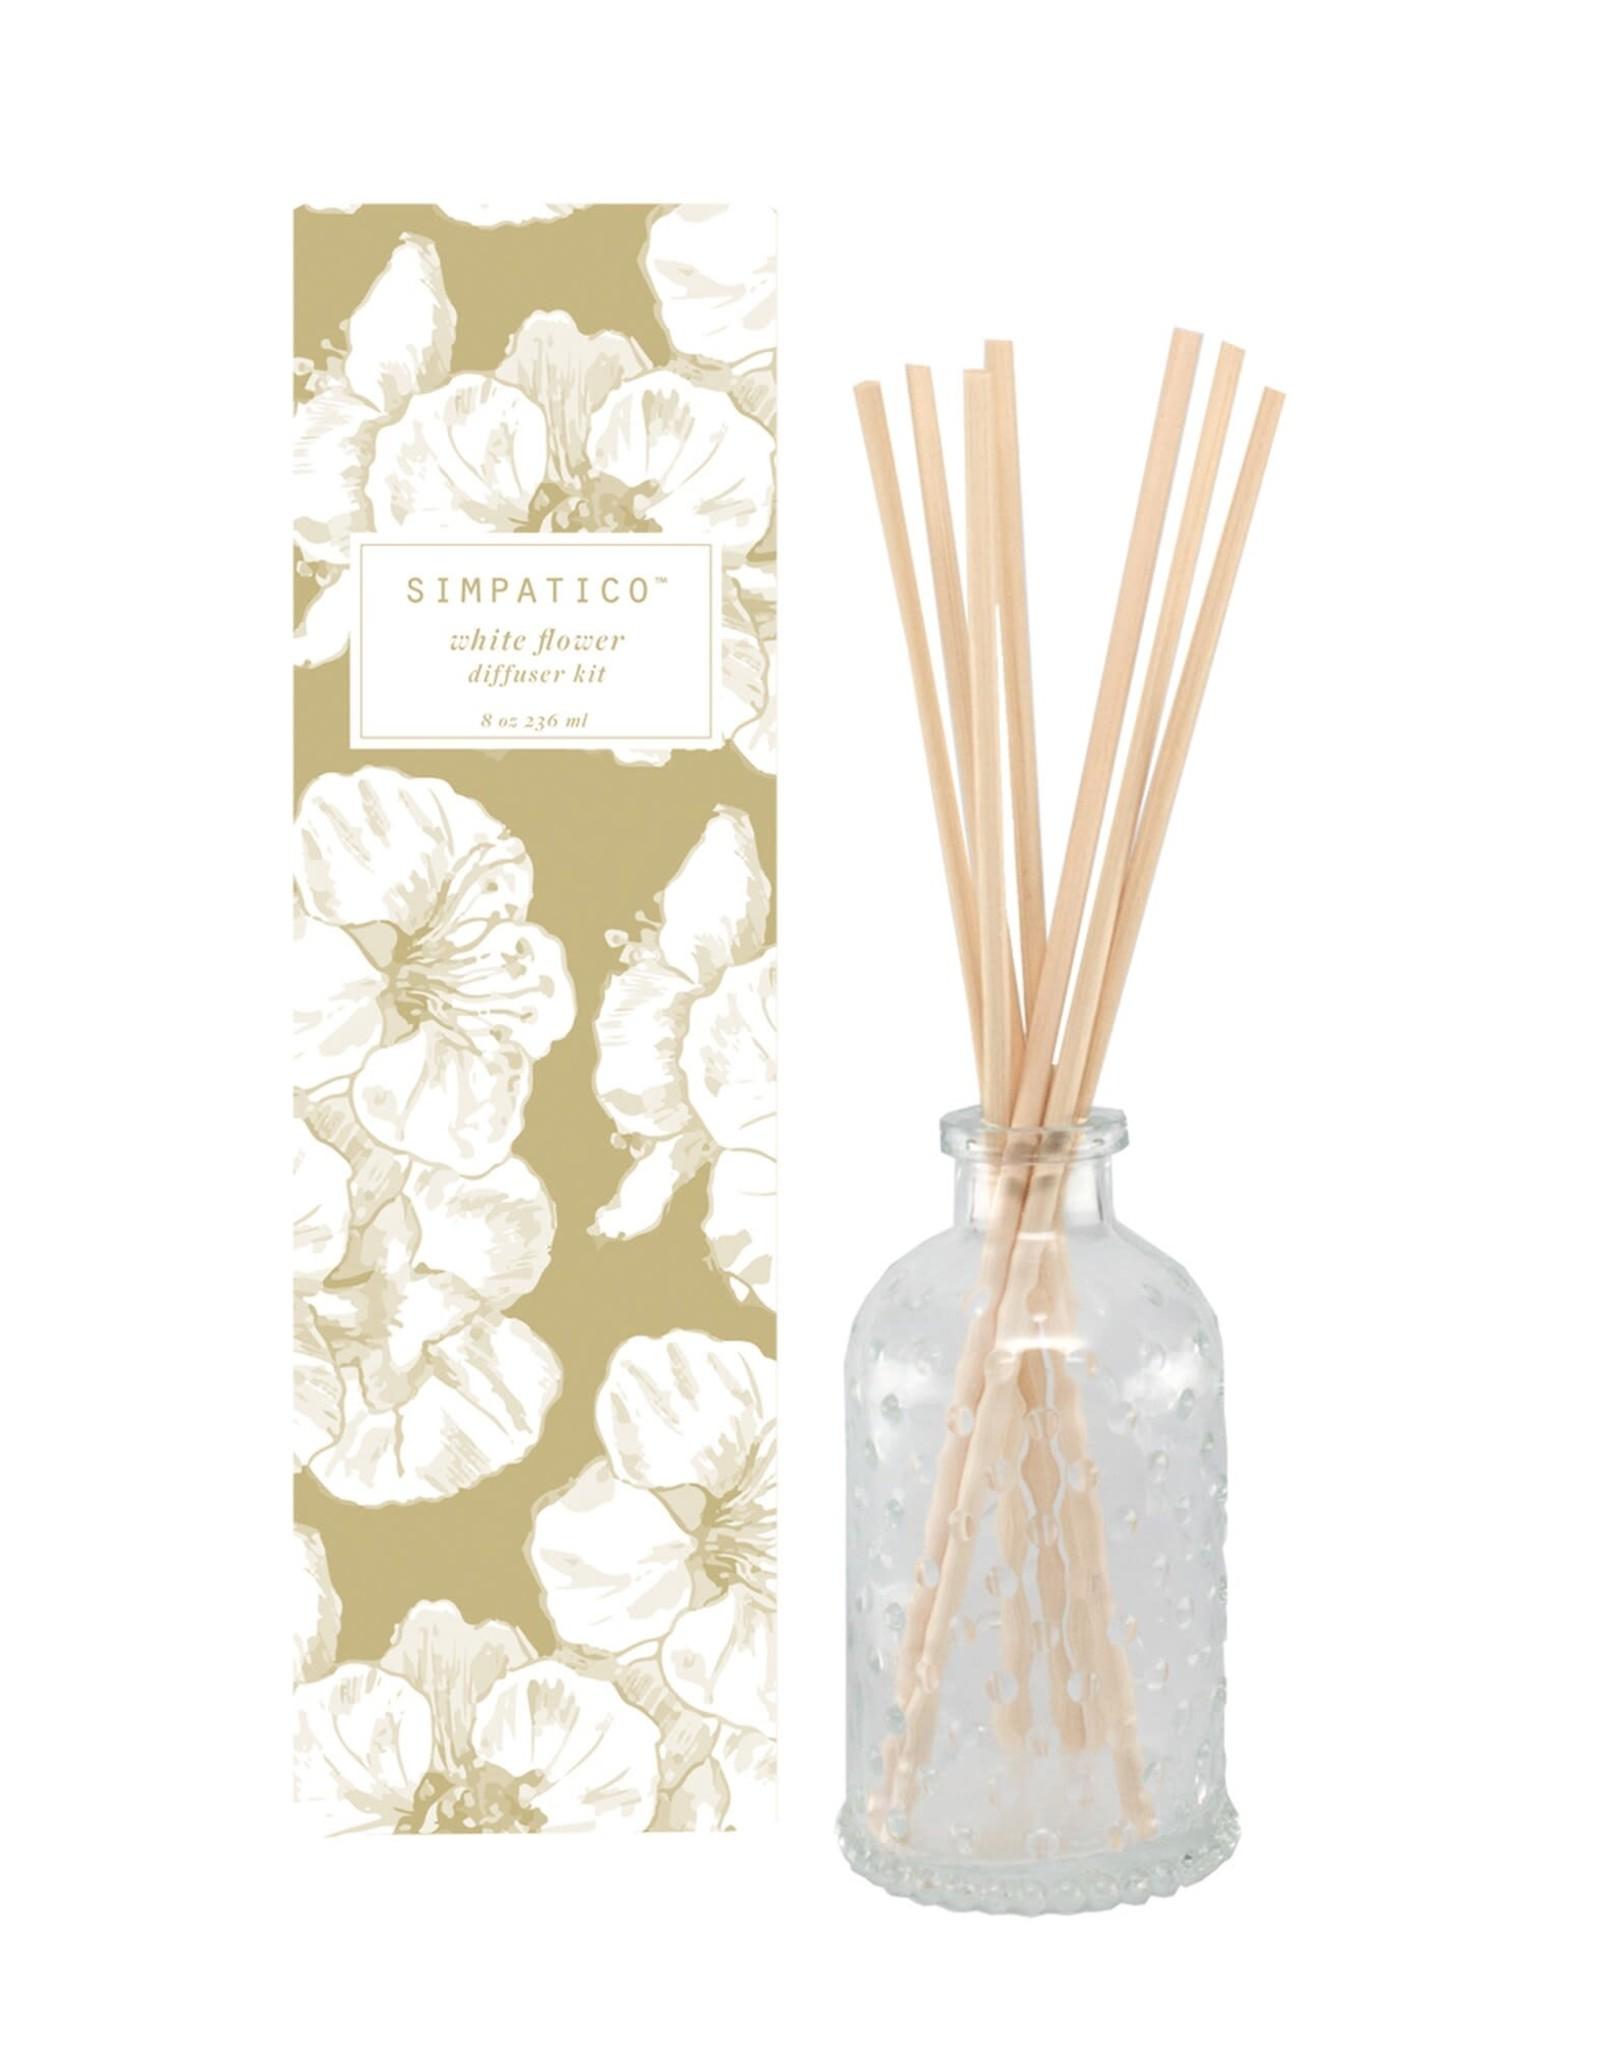 Barr-Co White Flower Diffuser Kit 8oz